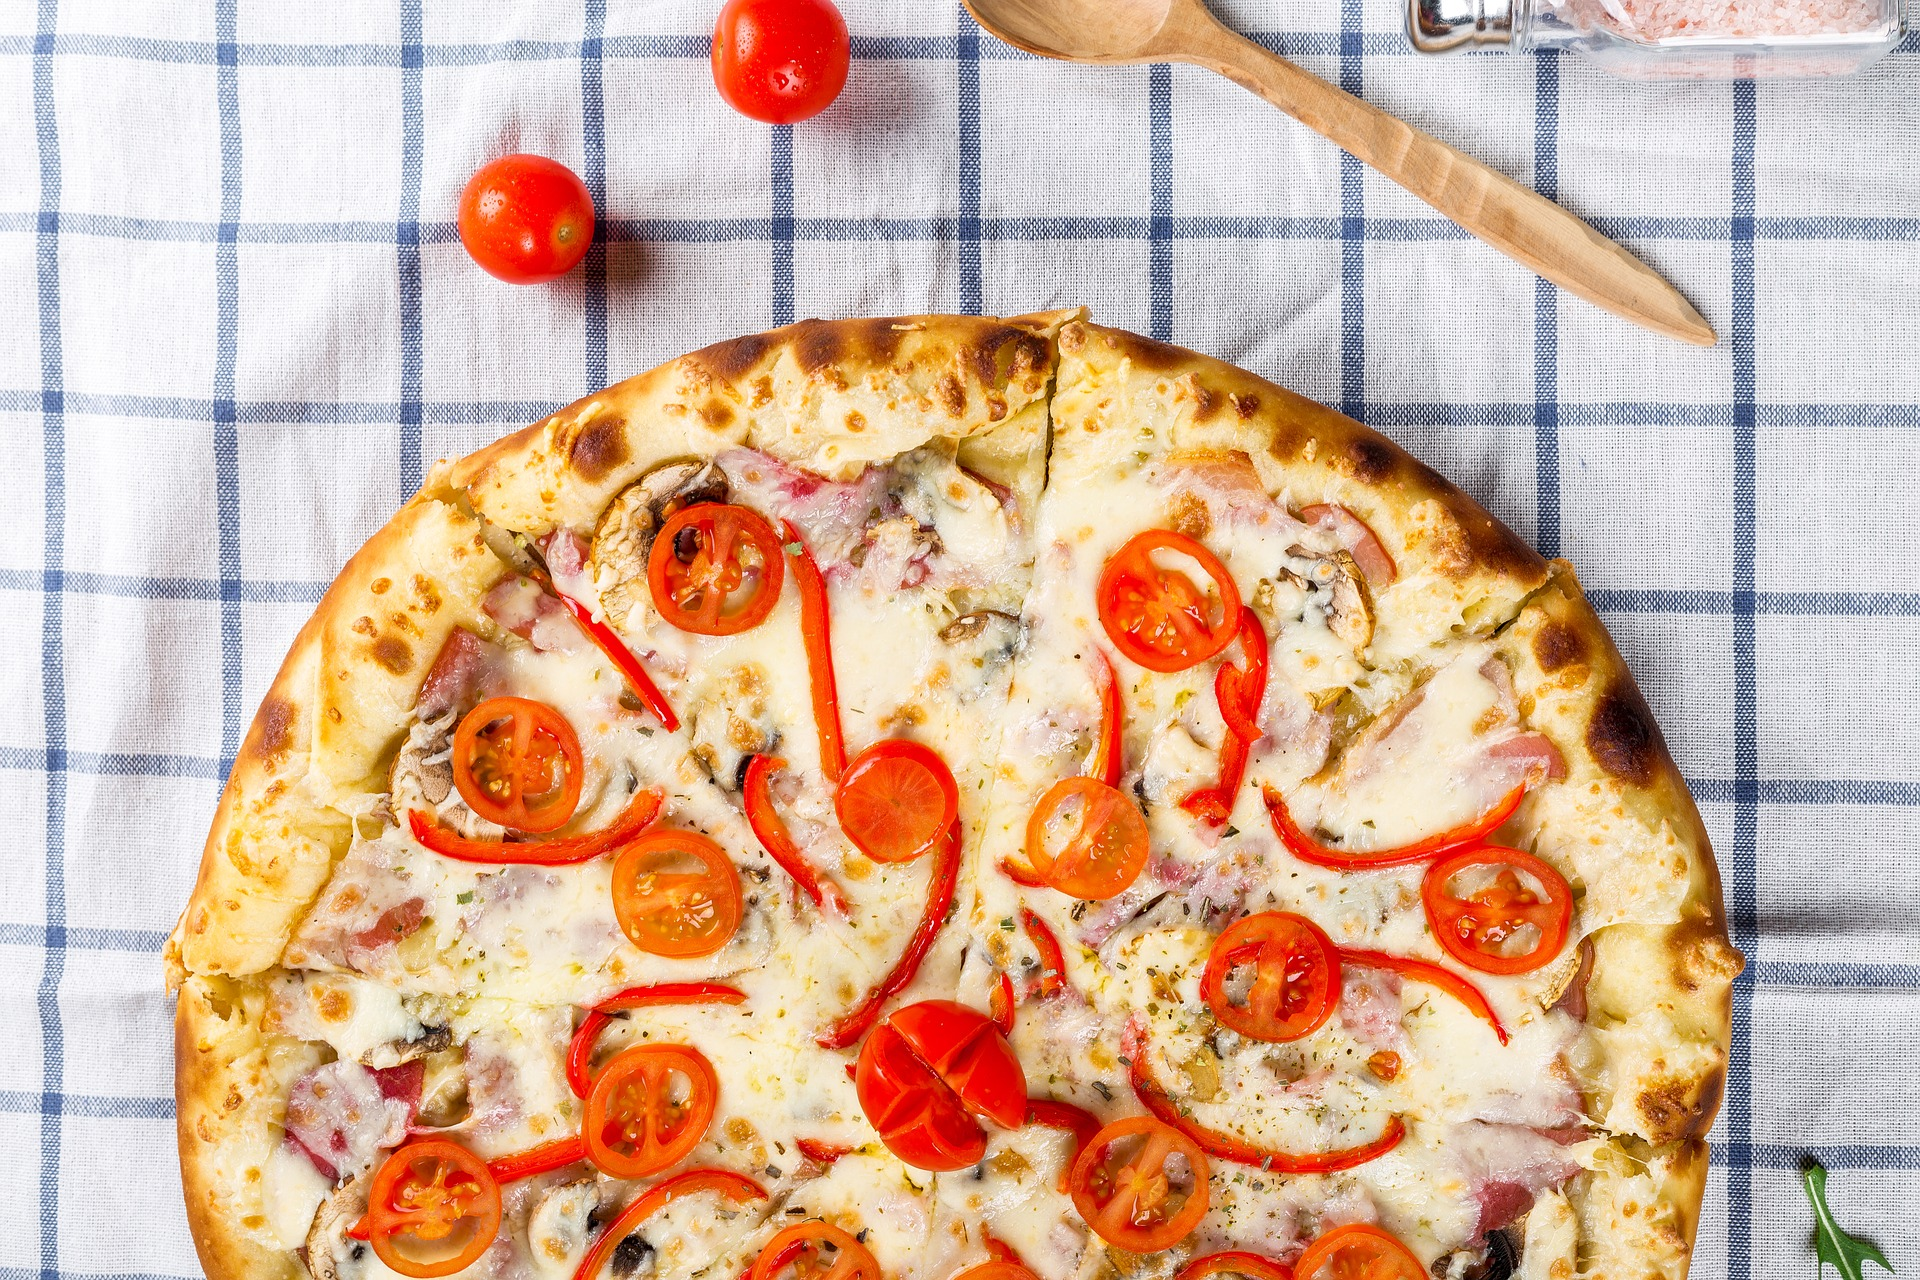 Jaką pizze możemy zamówić w restauracji?